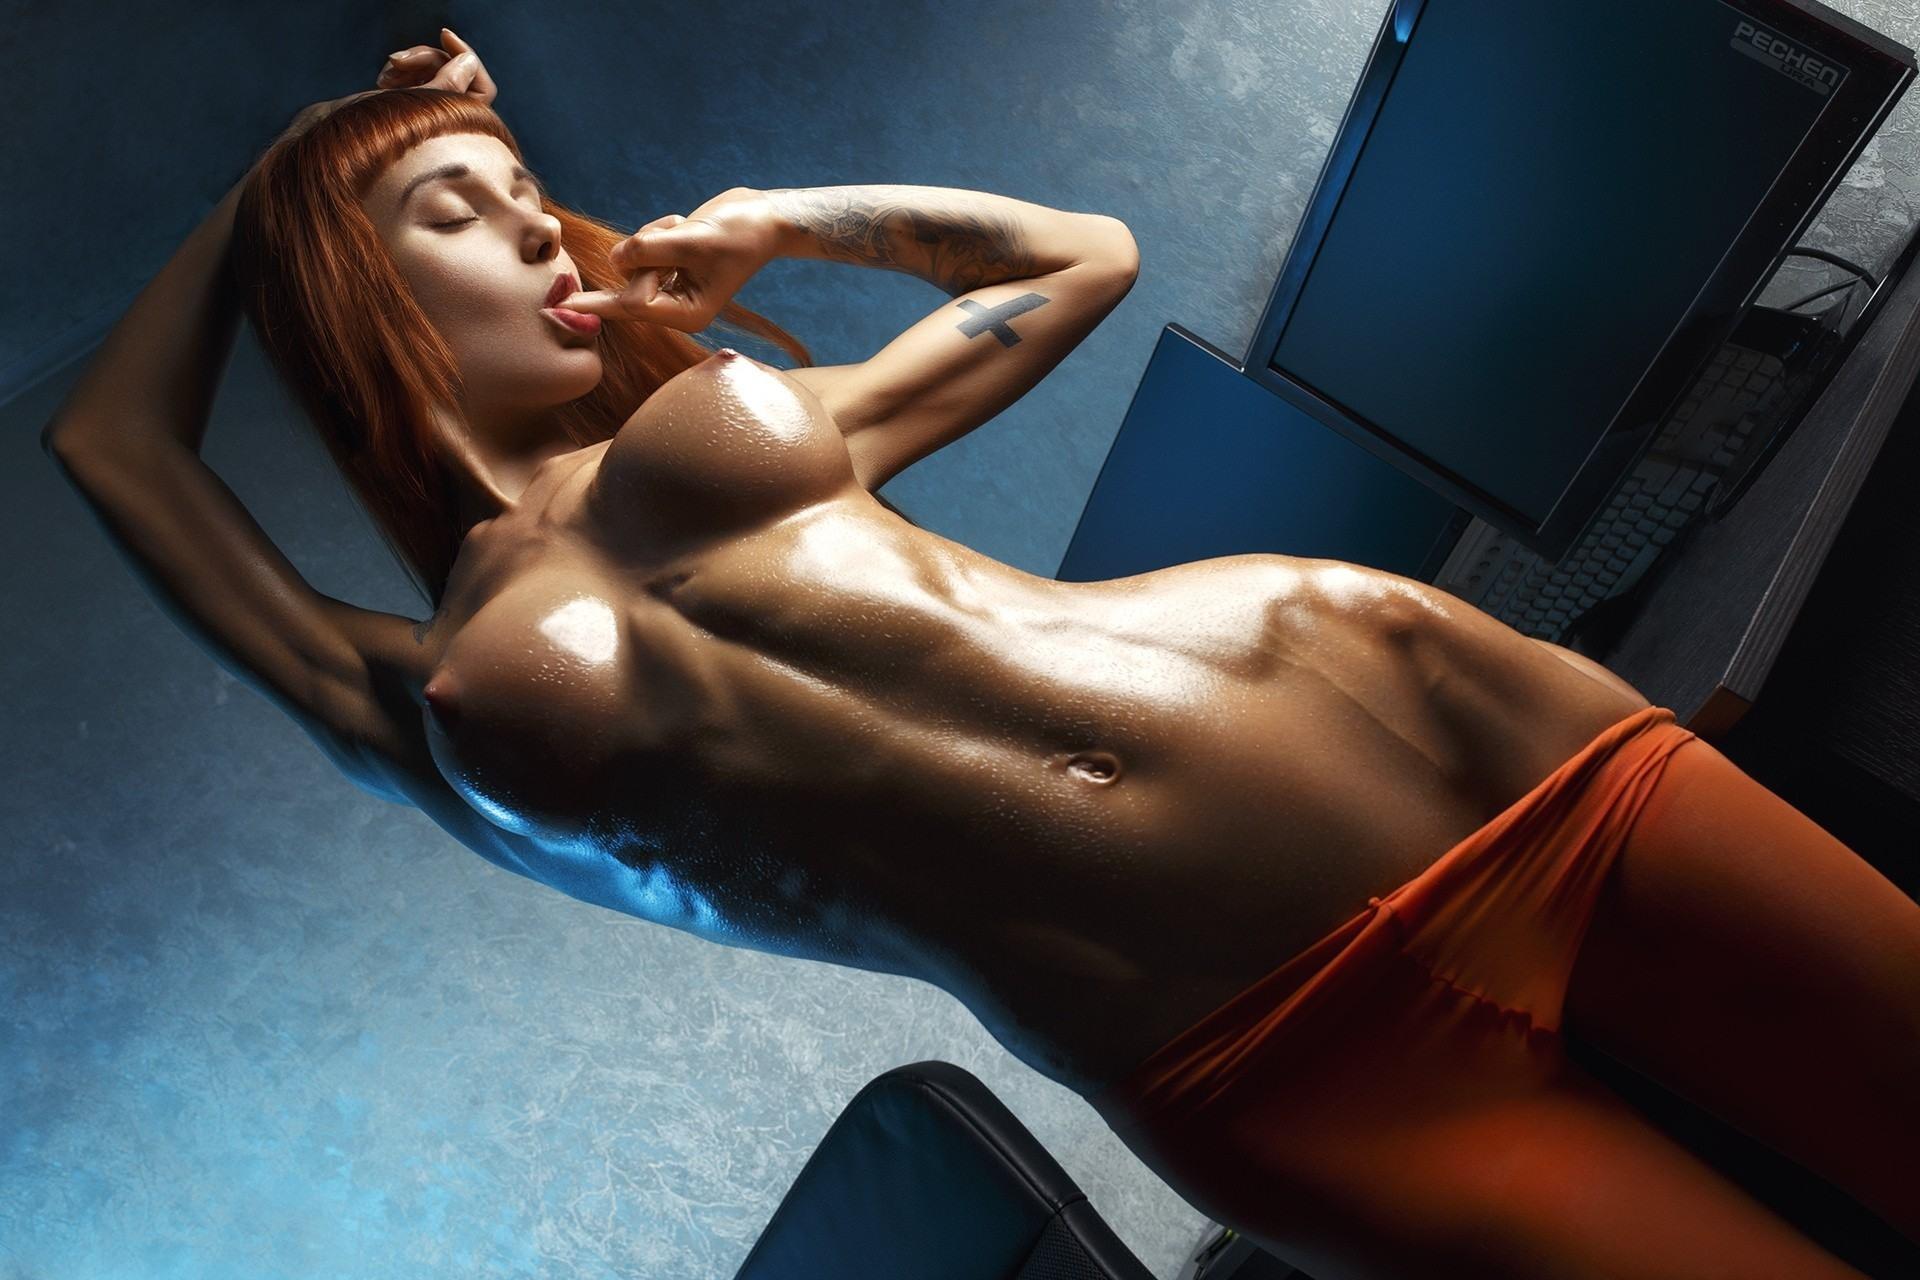 Naked Female Fitness Models